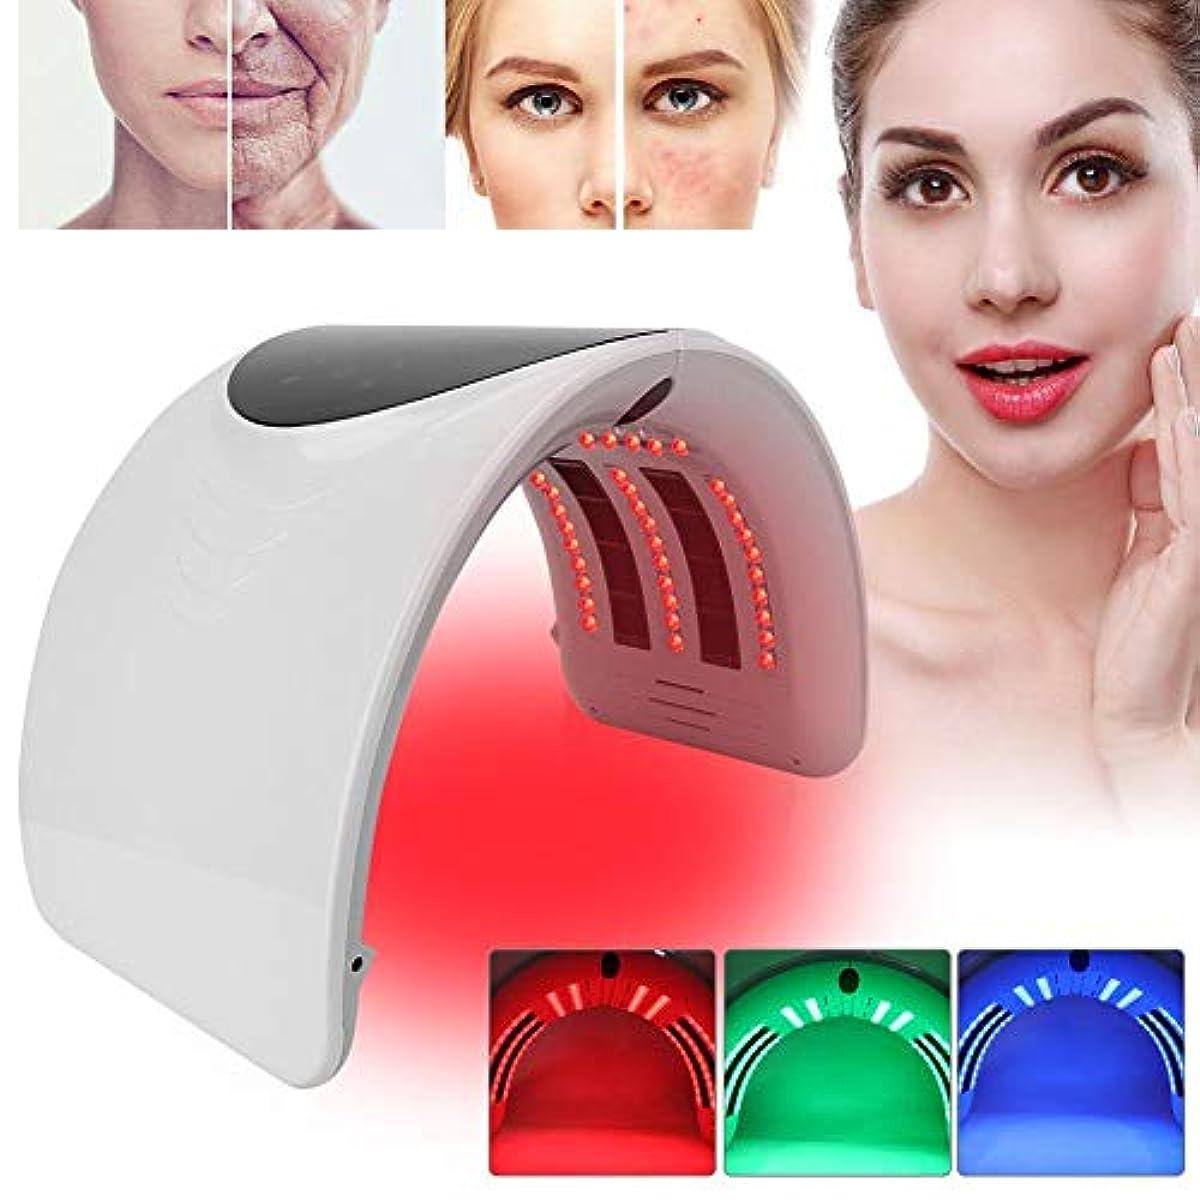 服監督する姿を消すPDTの軽い療法の美顔術機械、6色の新しい折り畳み式アクネの取り外しのスキンケアの処置機械(01)